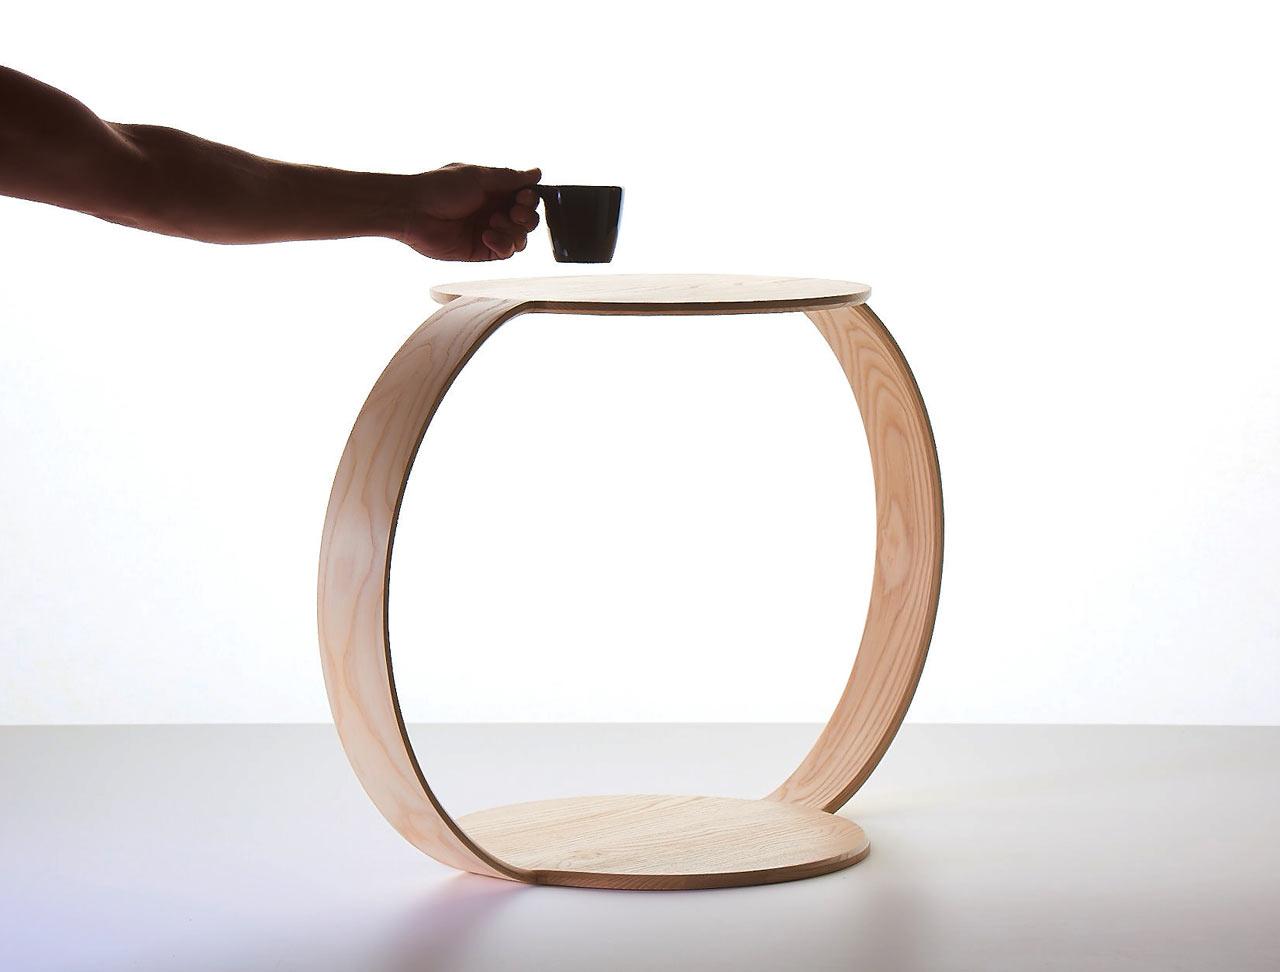 The NeverEnding Table from Ola Giertz